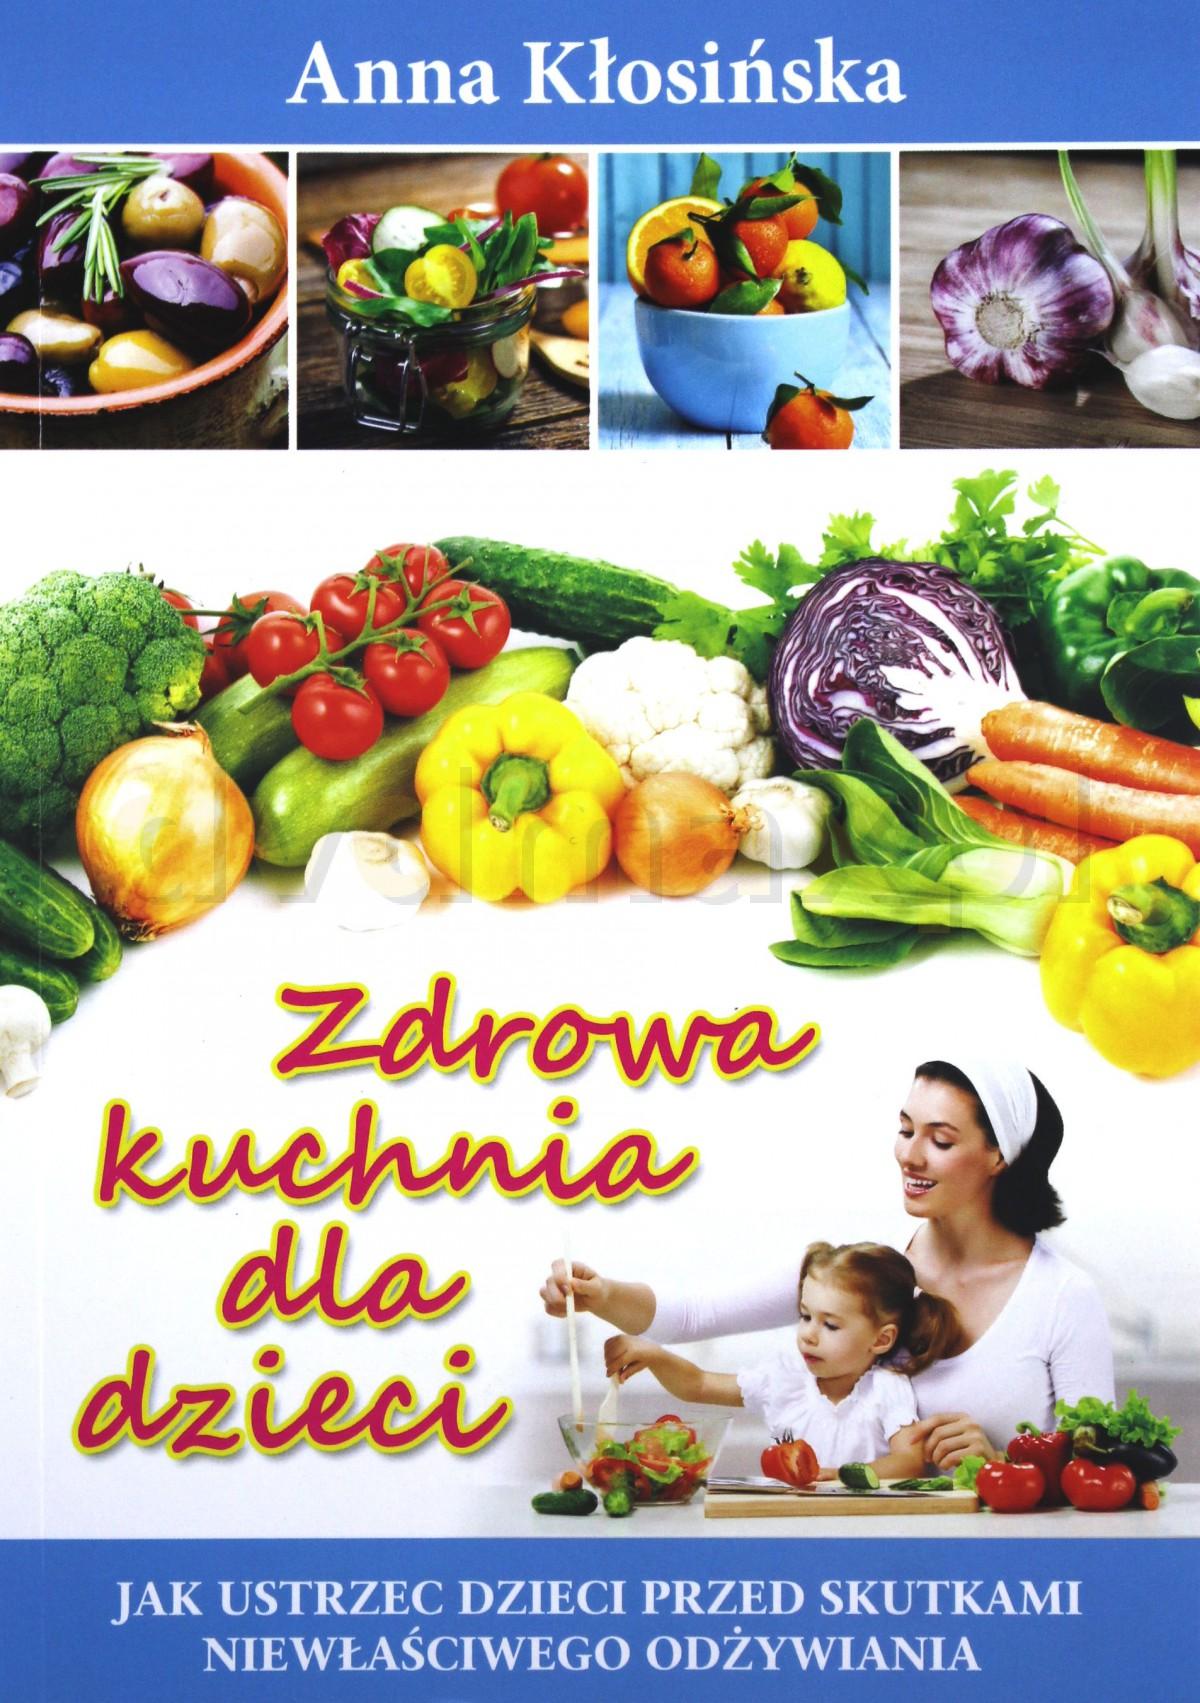 Zdrowa kuchnia dla dzieci - Anna Kłosińska [KSIĄŻKA] - Anna Kłosińska